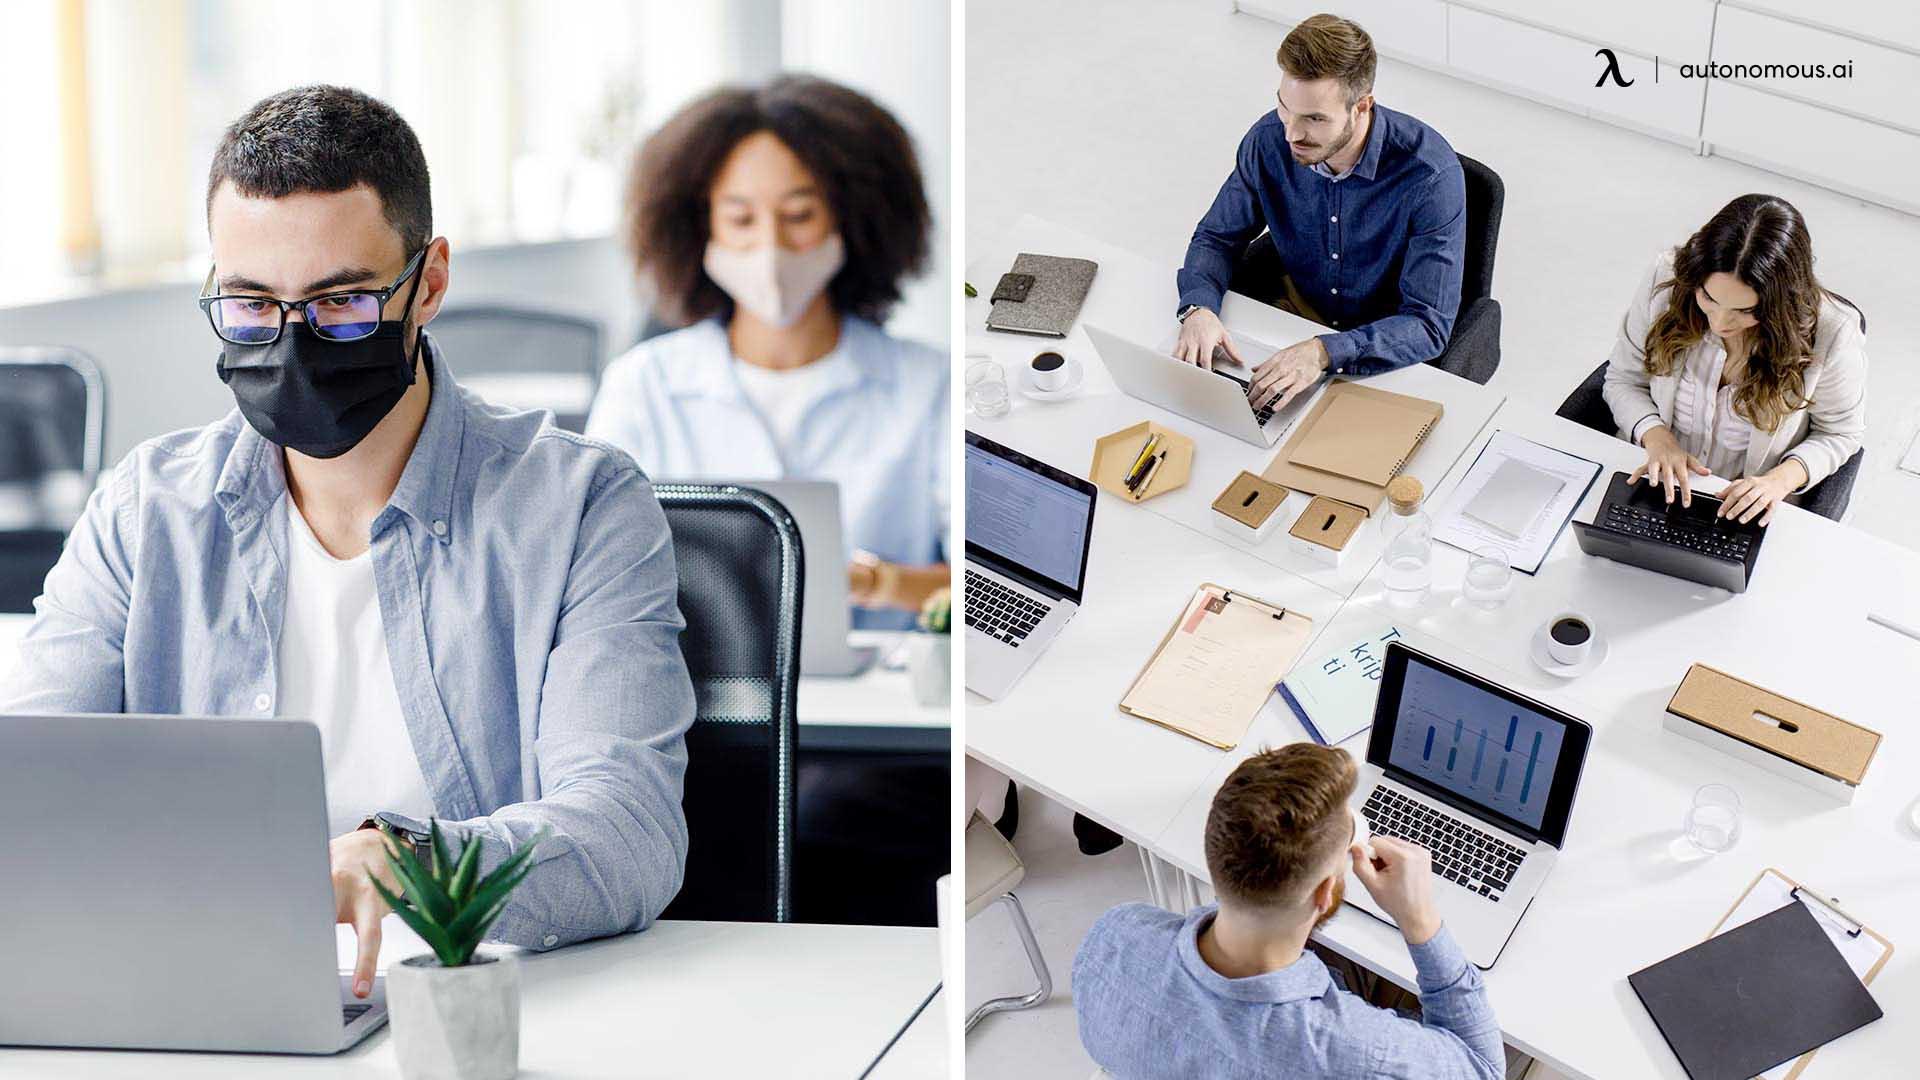 Social distancing vs workspace optimisation